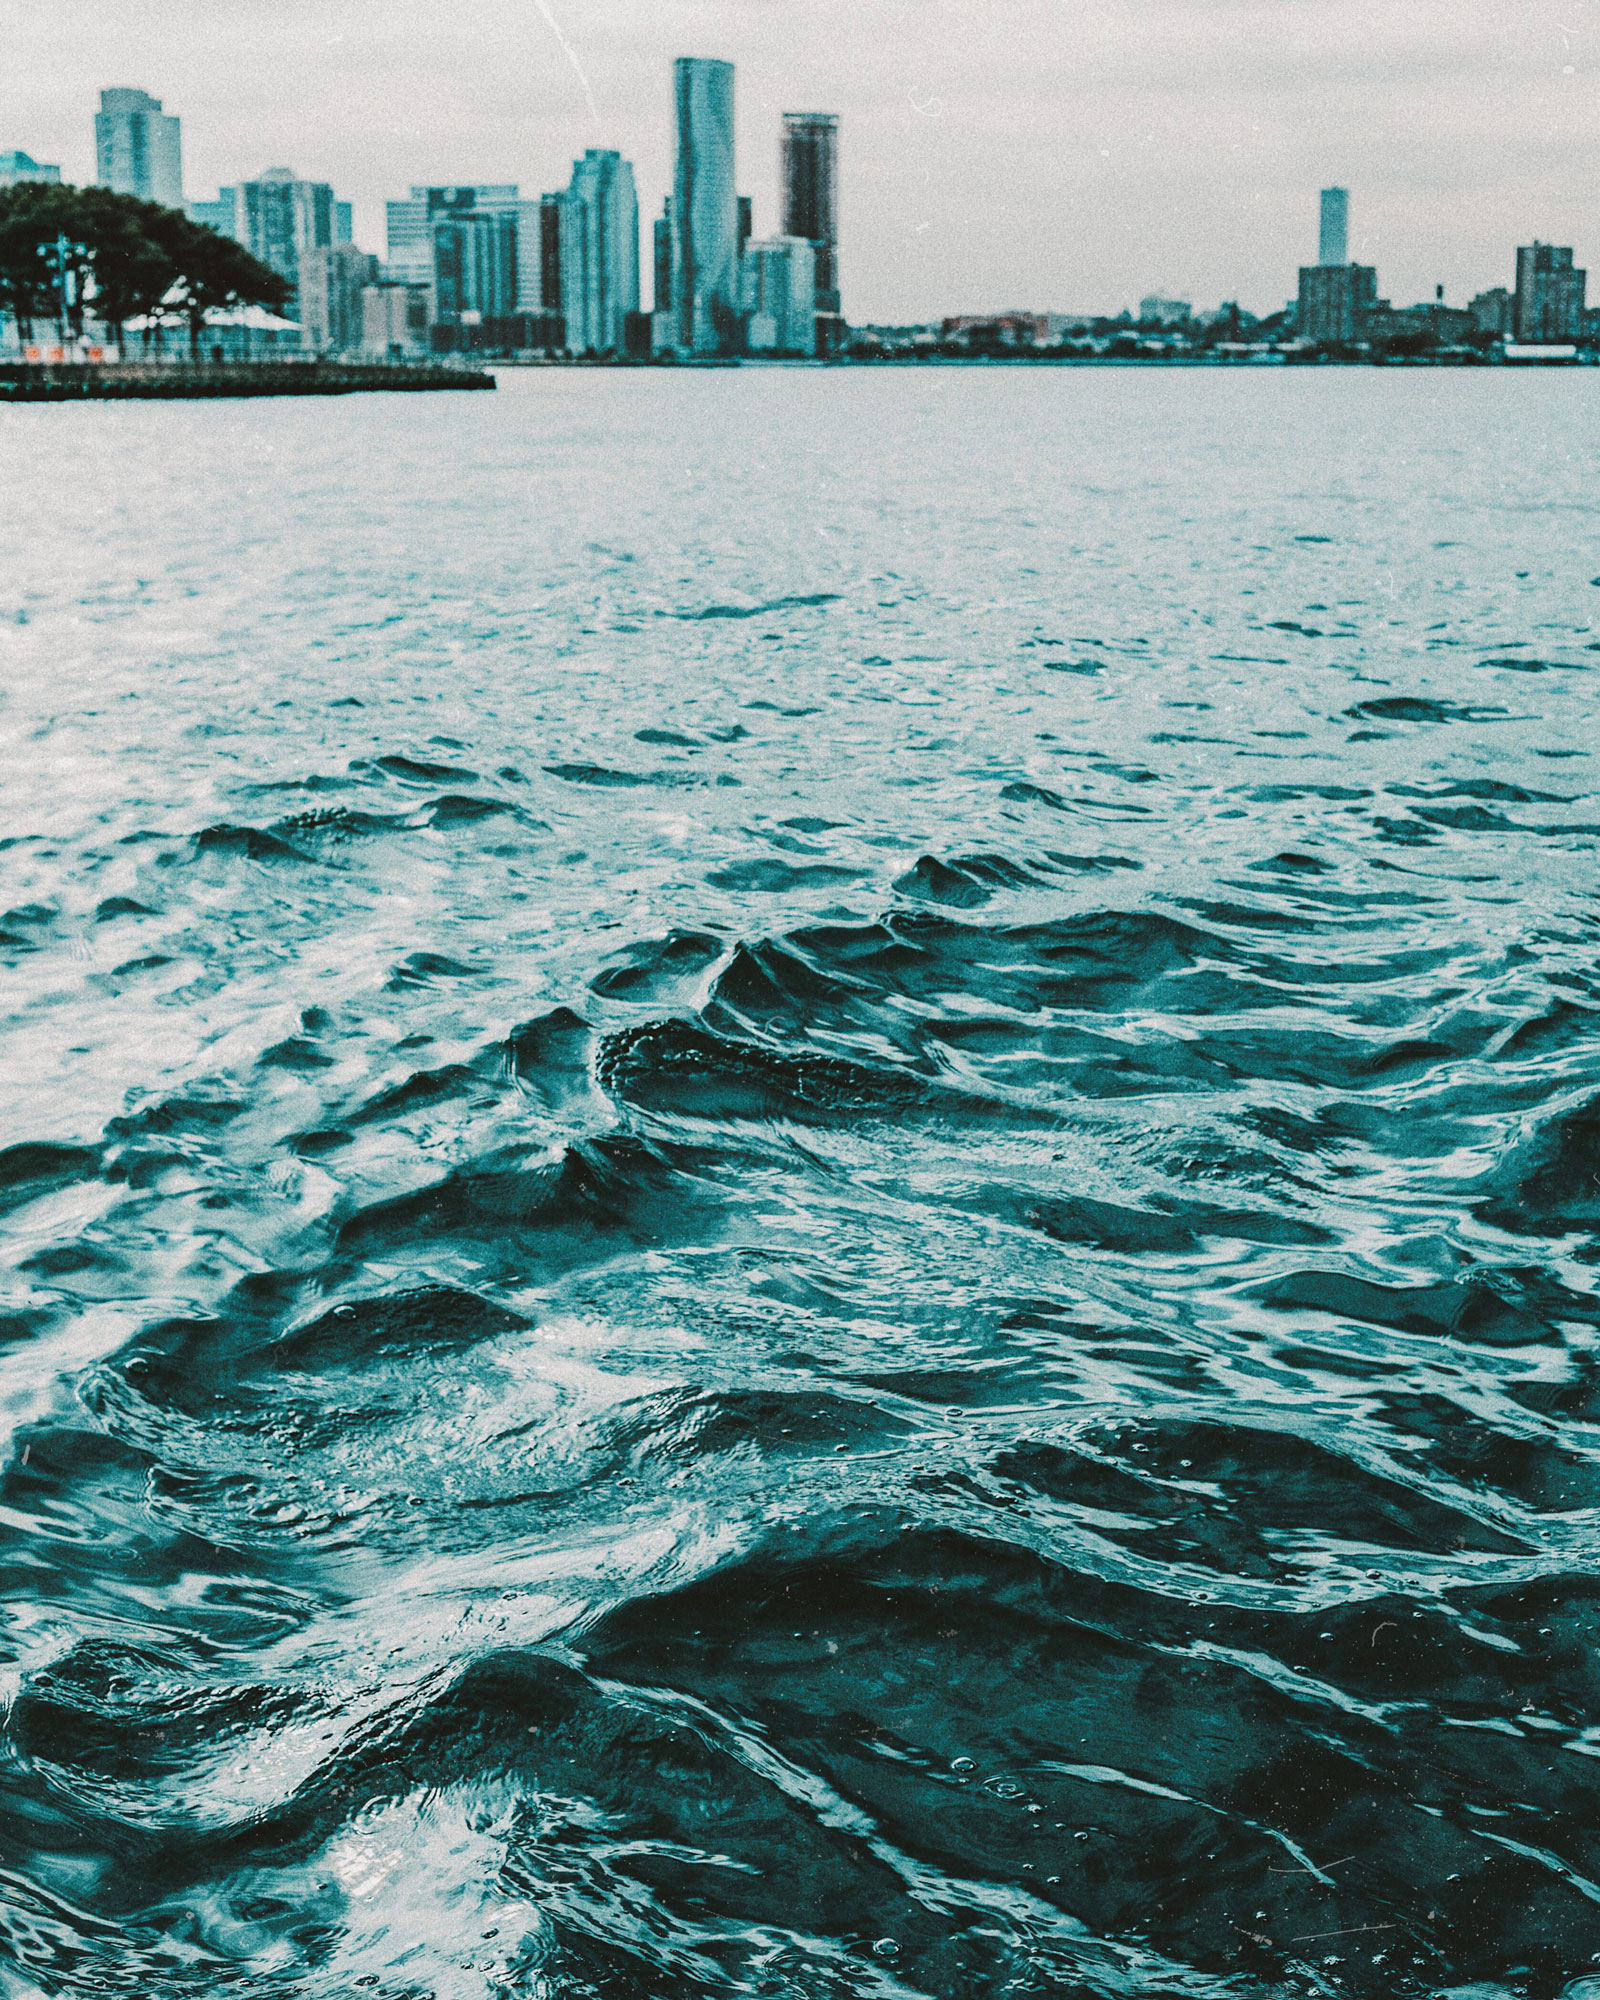 new-york-city-hudson-river.jpg